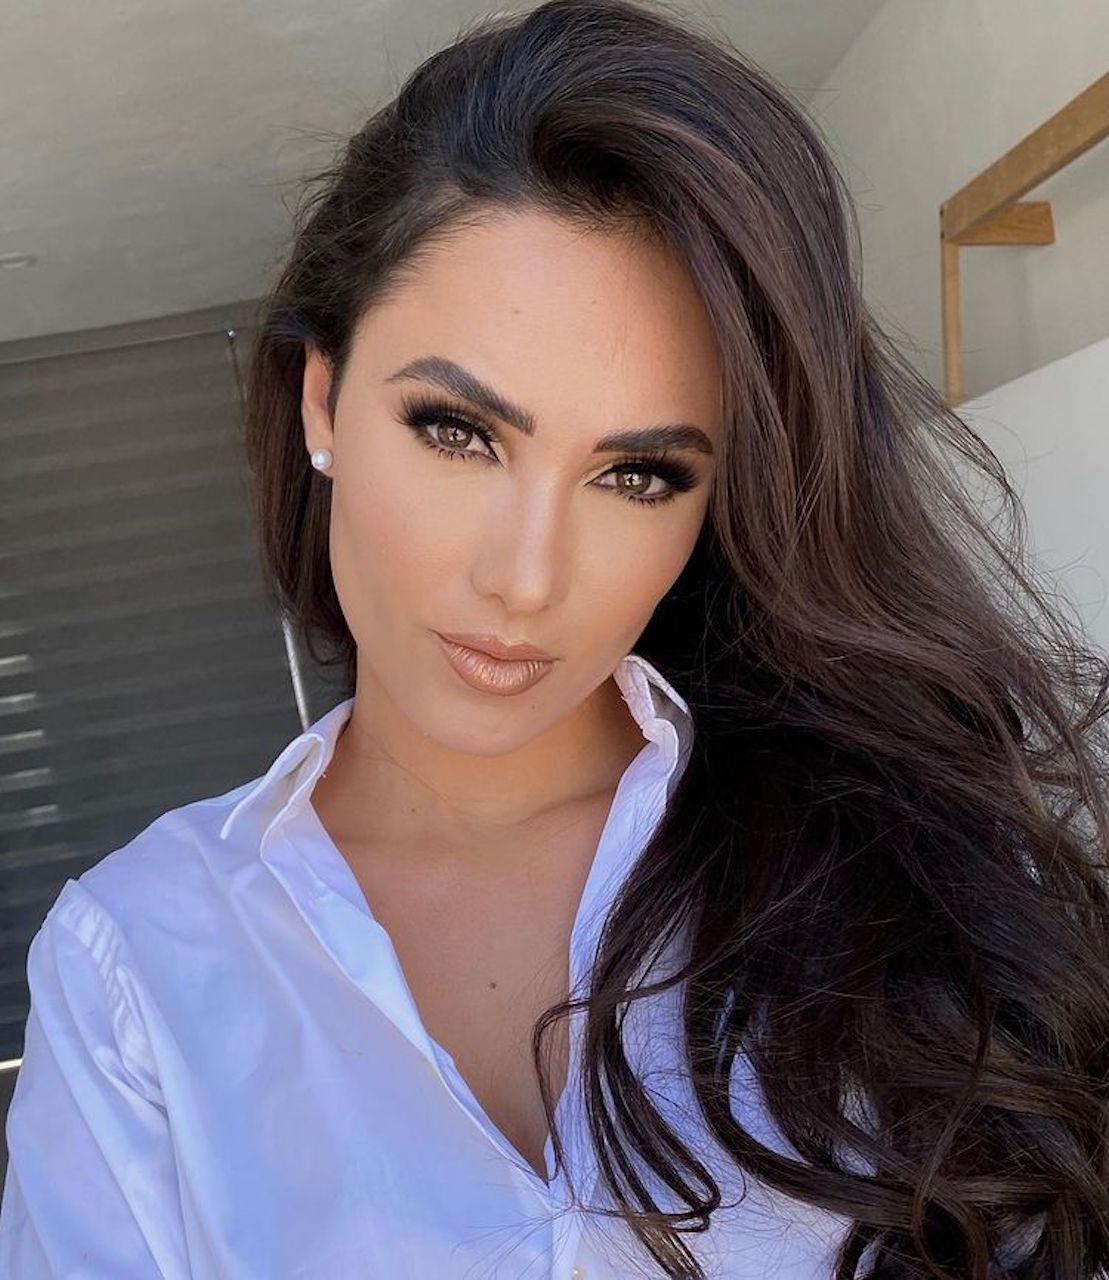 Tân Hoa hậu Mexico: Dáng vóc nóng bỏng, thông thạo 4 thứ tiếng - 10